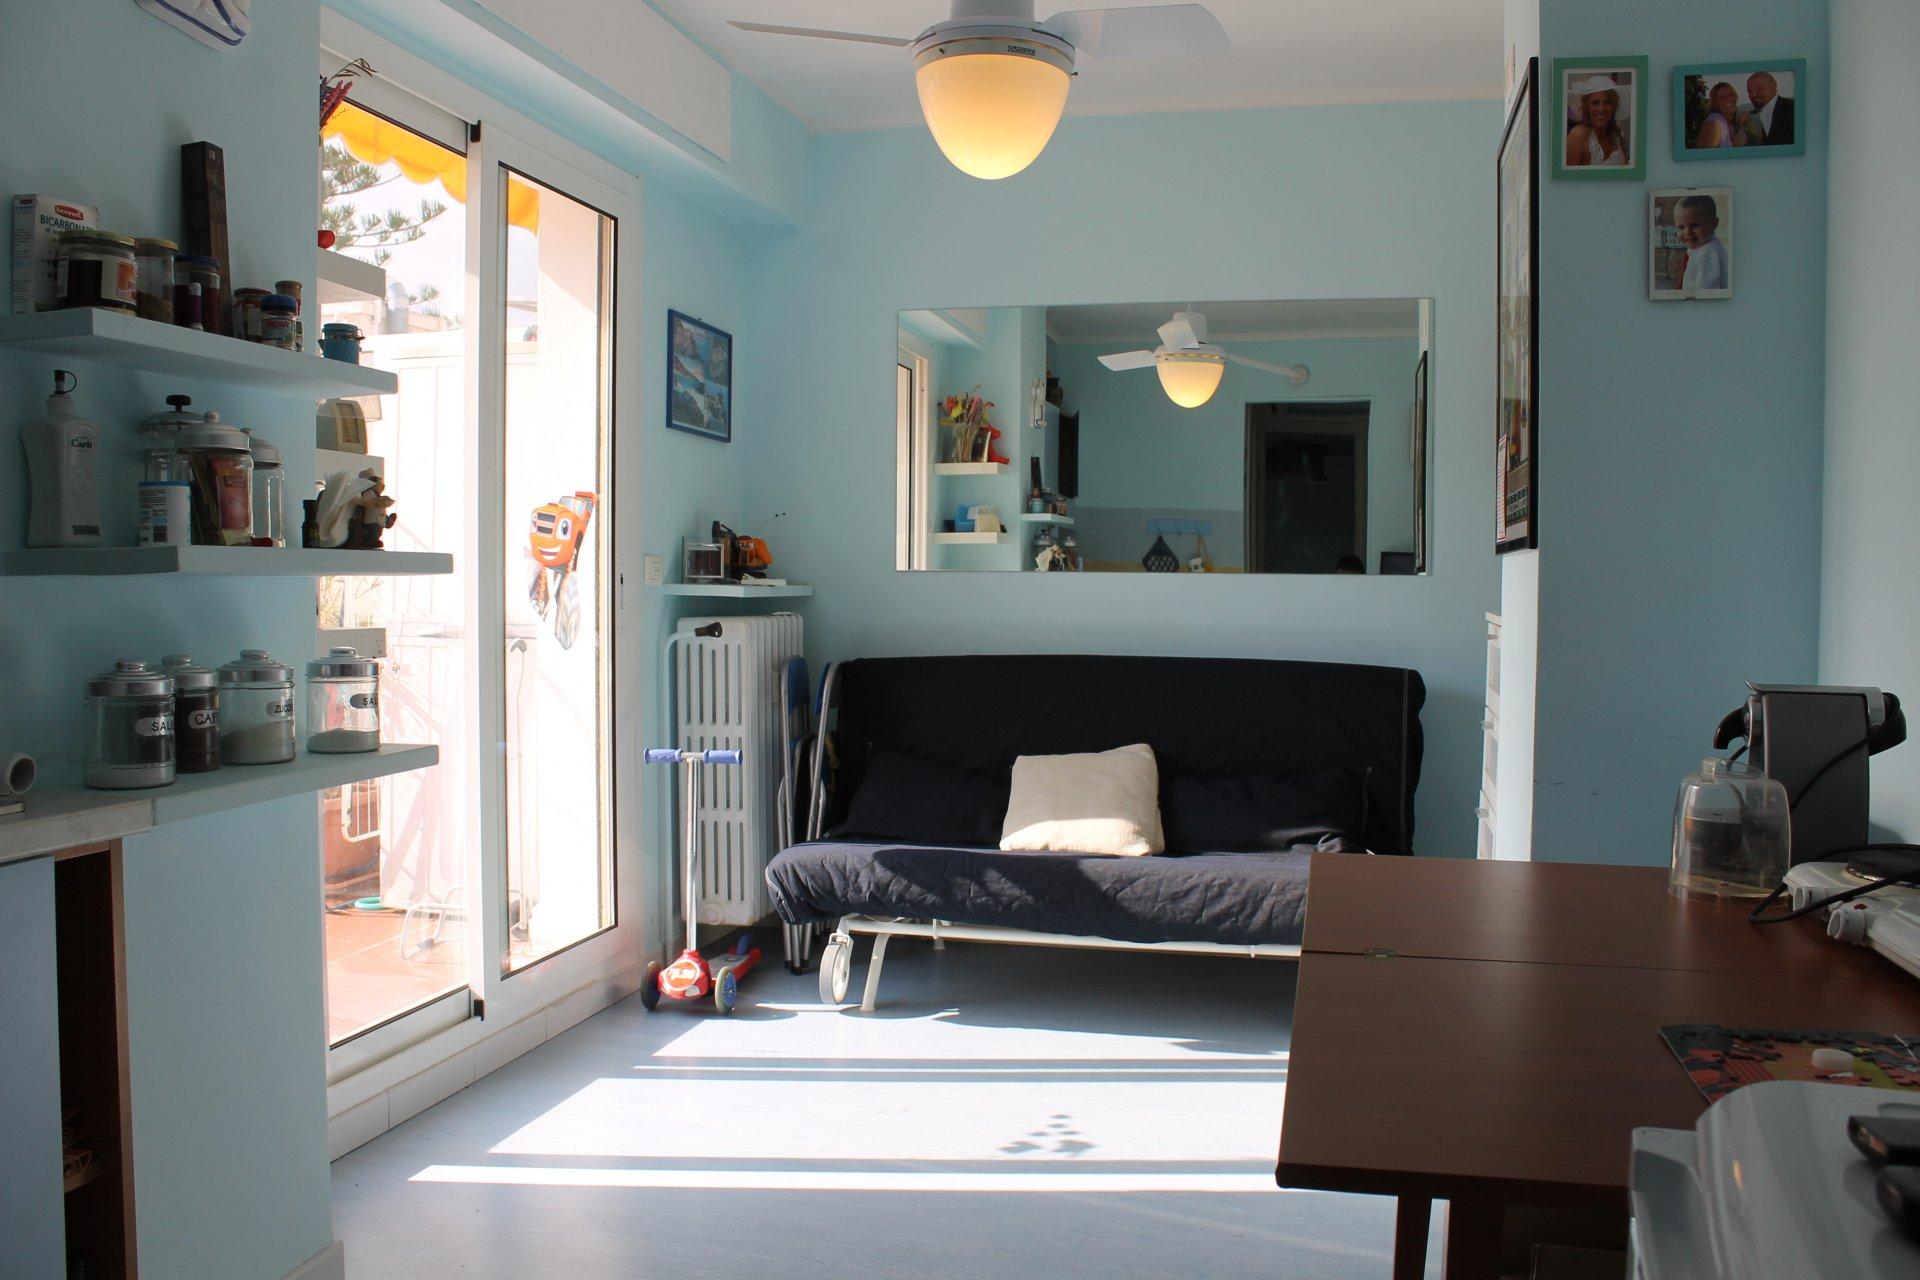 contrat ETUDIANT ou bail mobilité uniquement -  charmant studio avec cabine plein centre ville